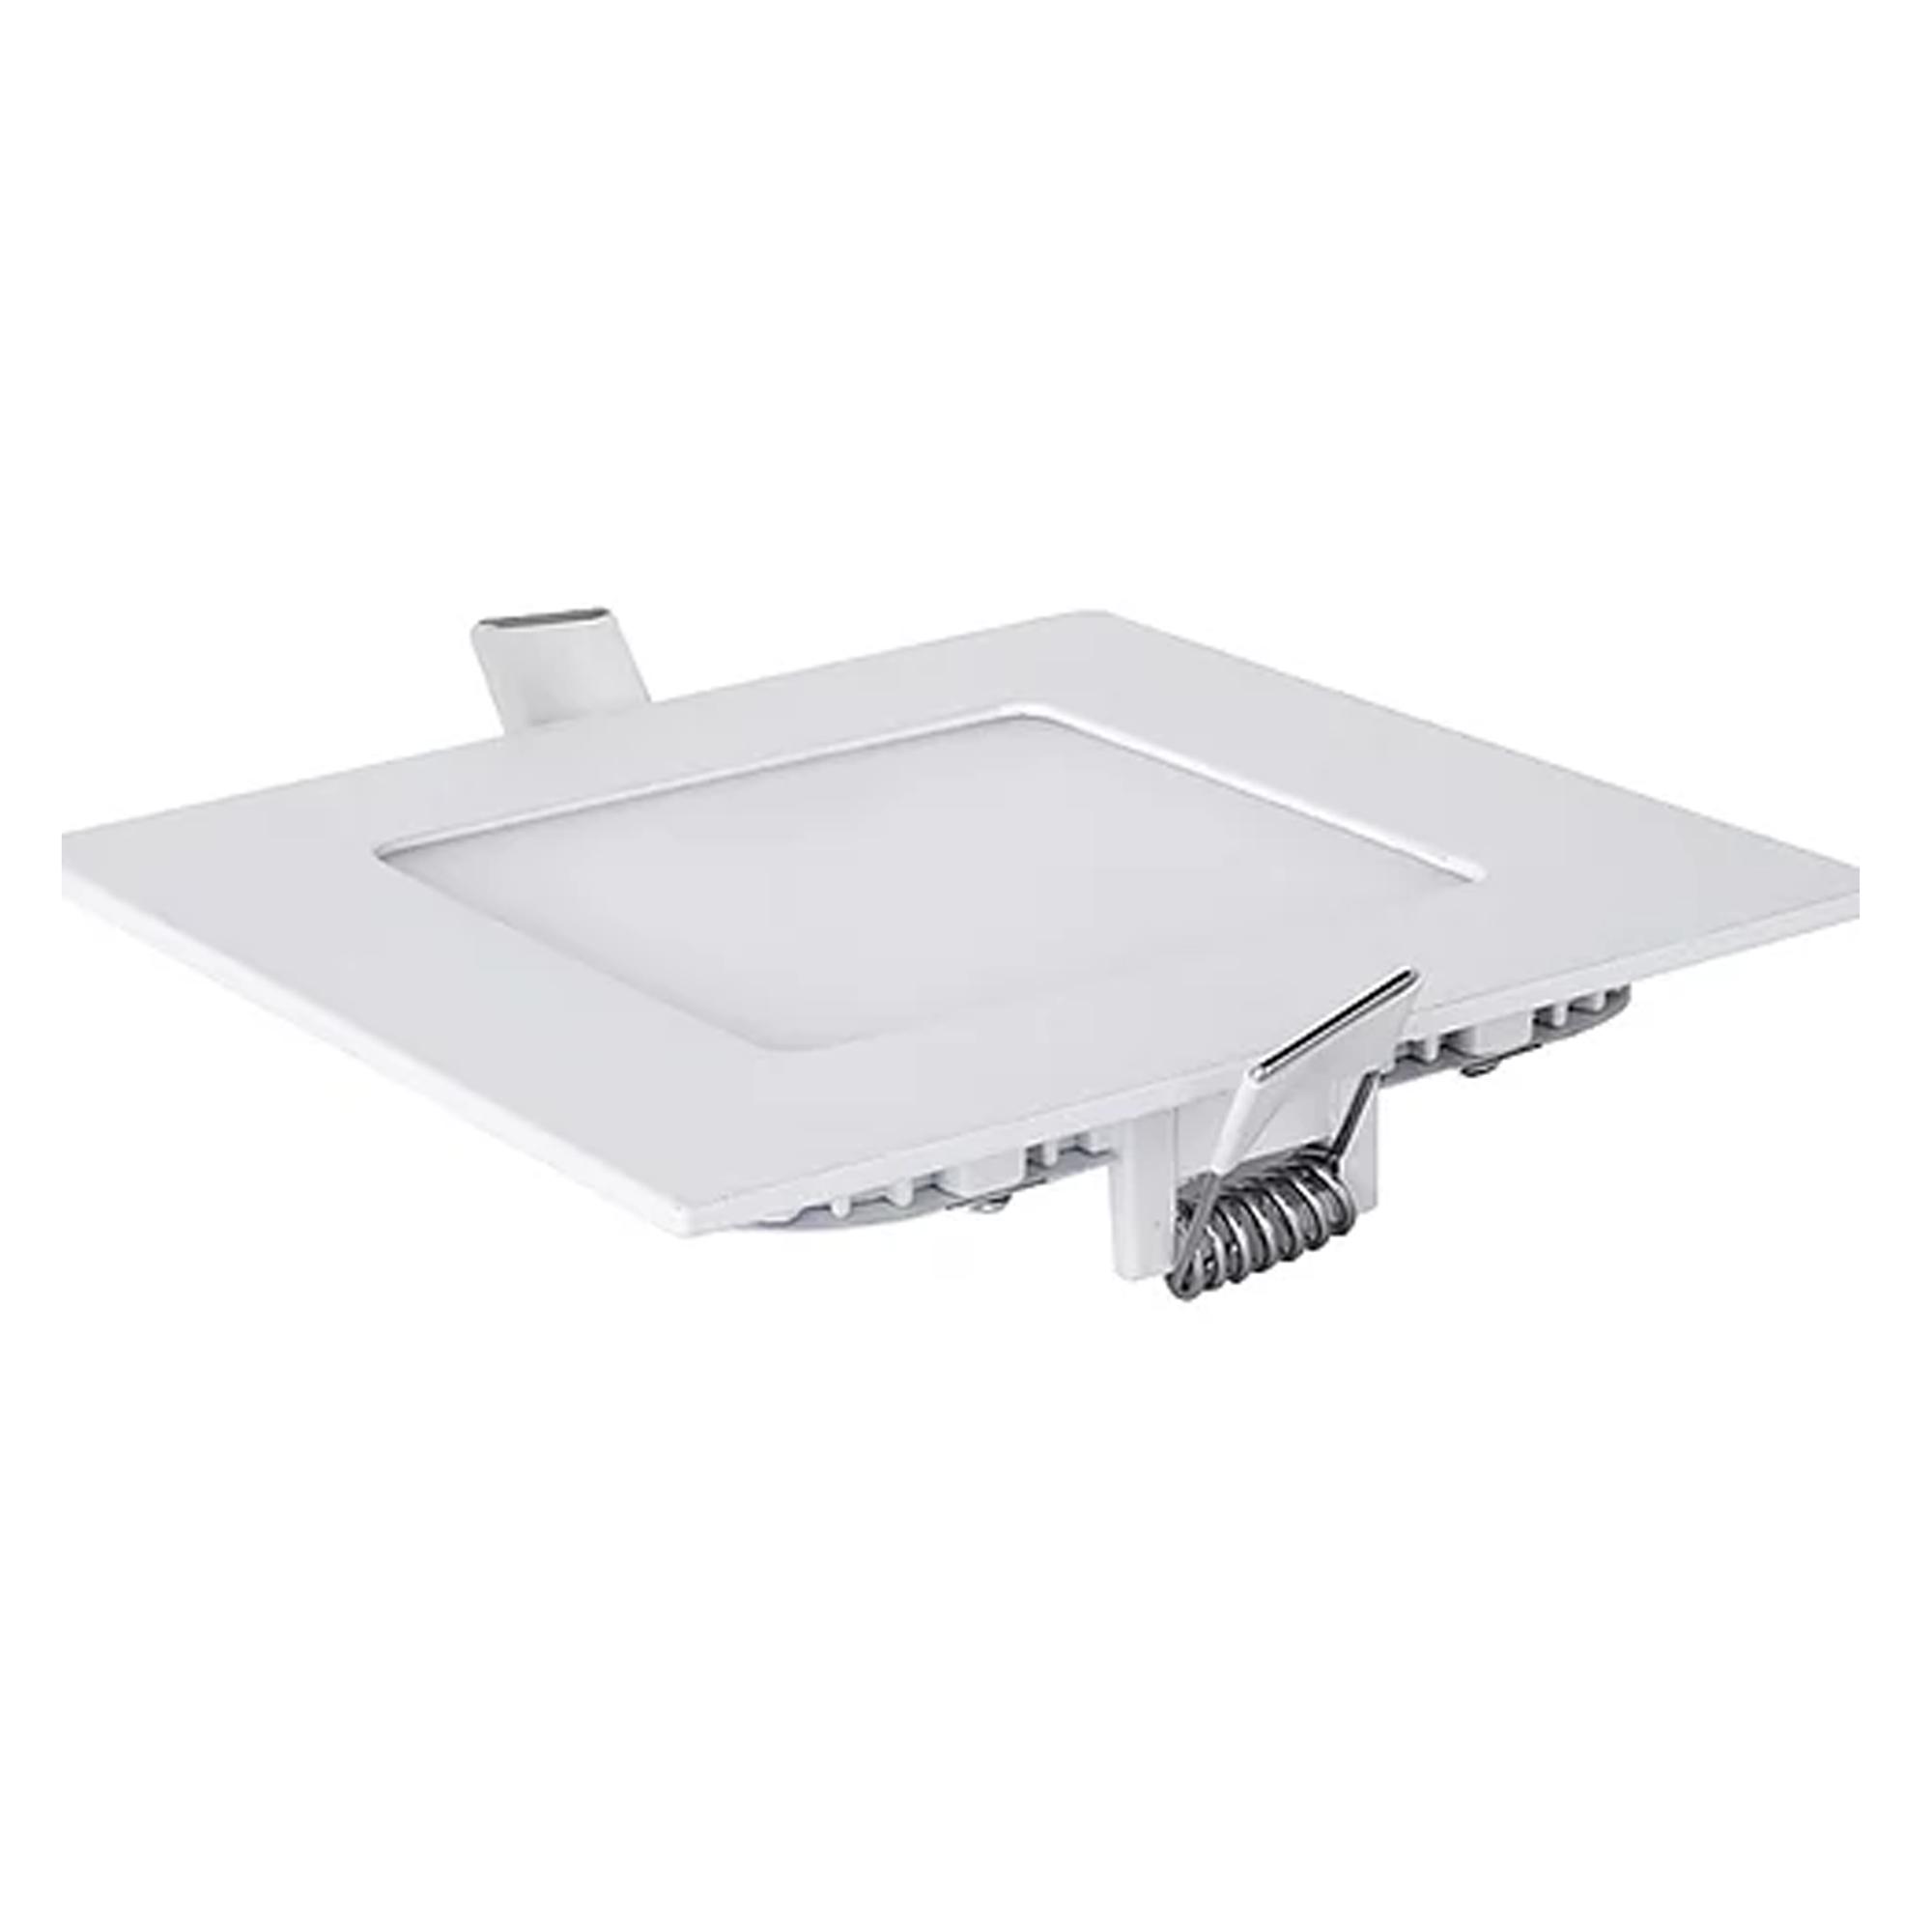 Plafon LED Embutir 6W Quadrado / Branco quente